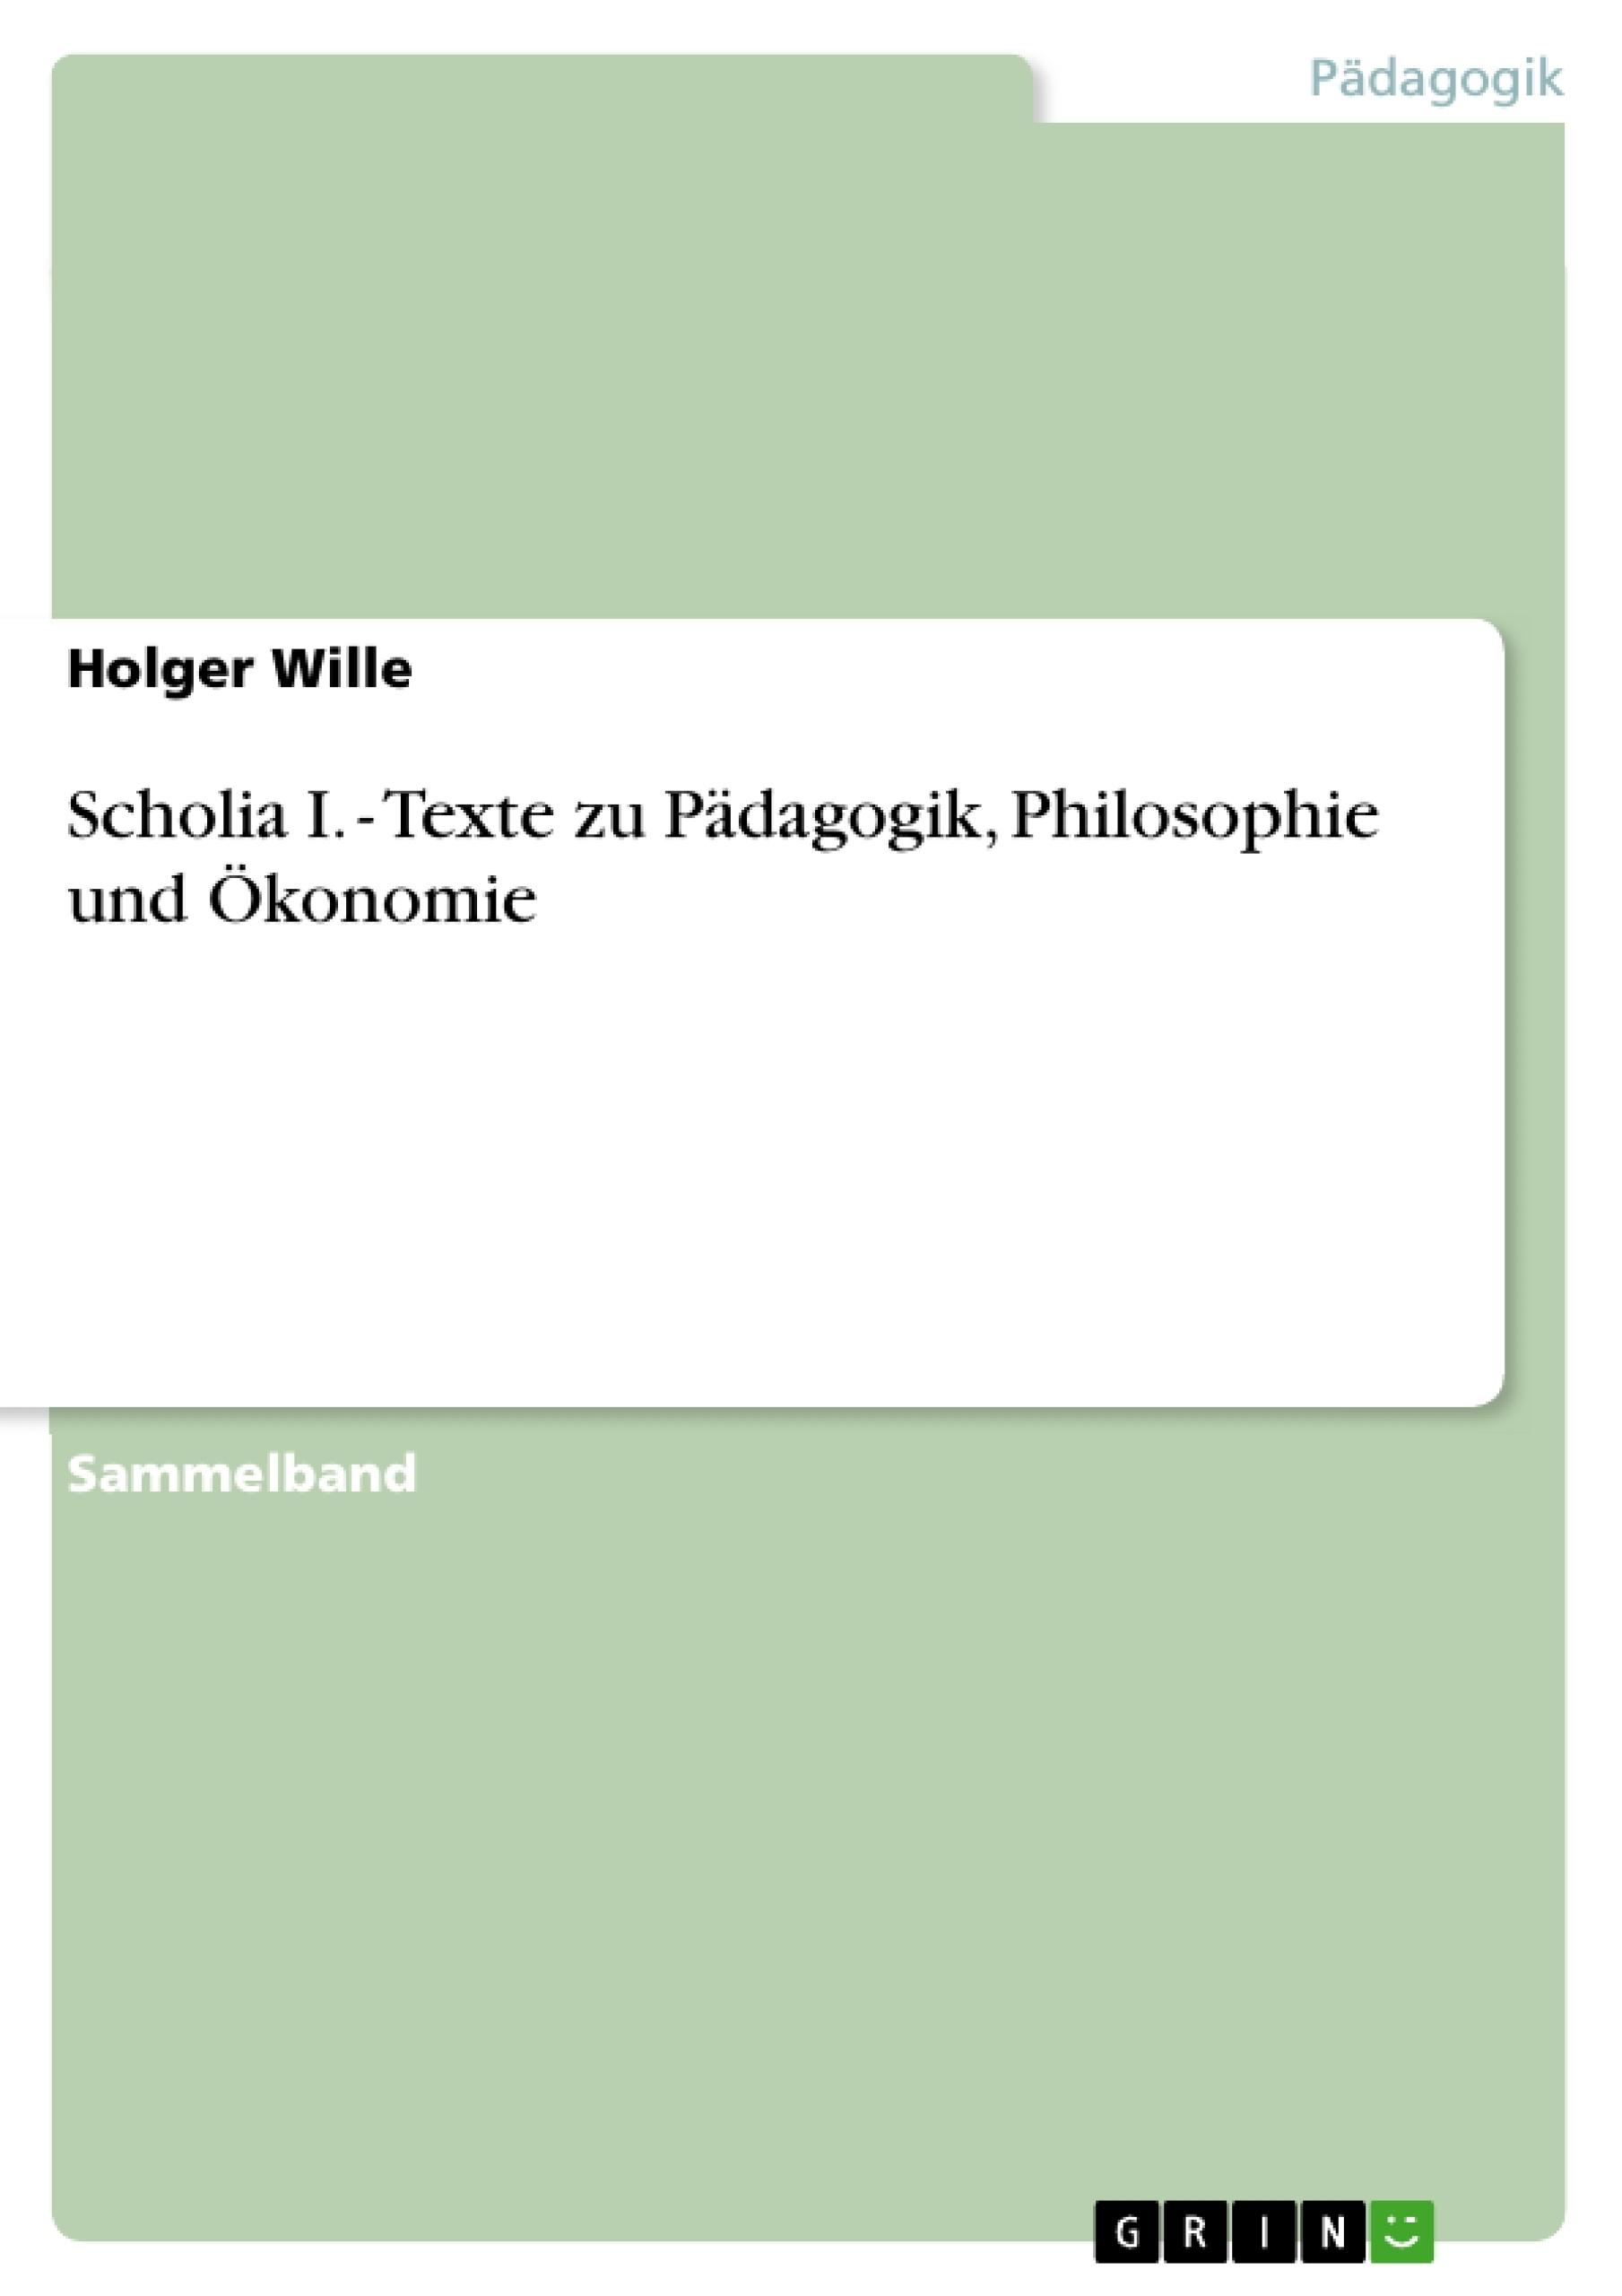 Titel: Scholia I. - Texte zu Pädagogik, Philosophie und Ökonomie